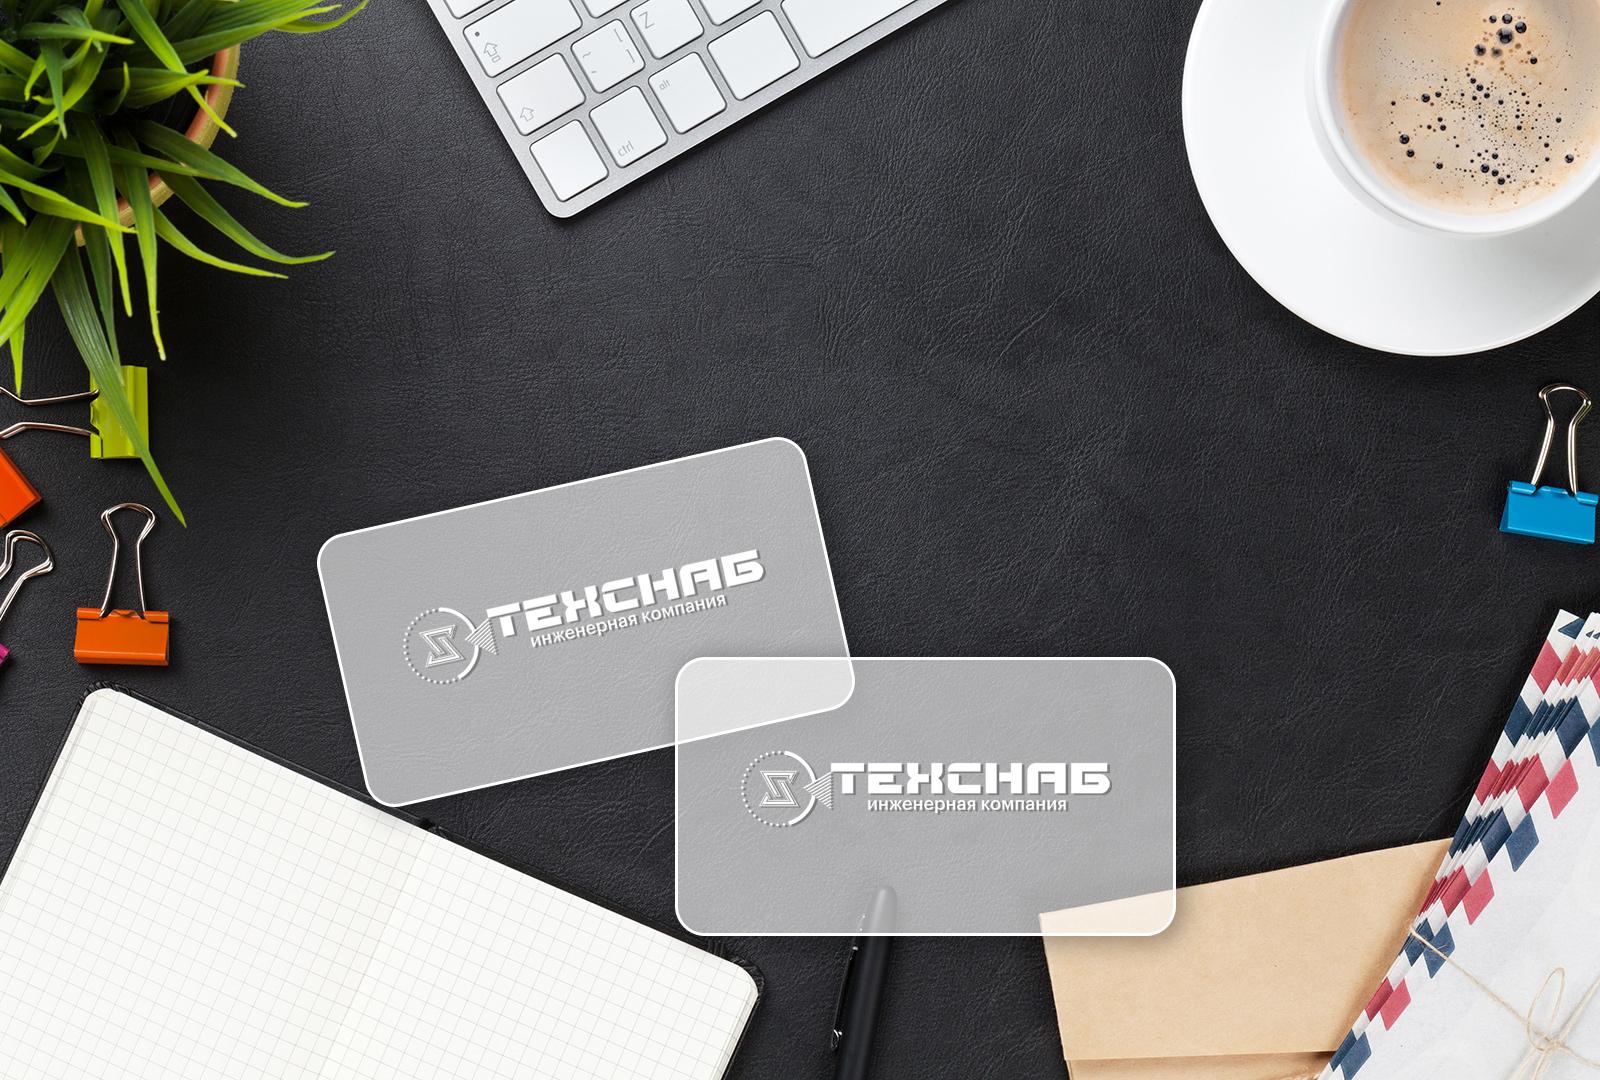 Разработка логотипа и фирм. стиля компании  ТЕХСНАБ фото f_9715b1eb4a40dcdc.jpg